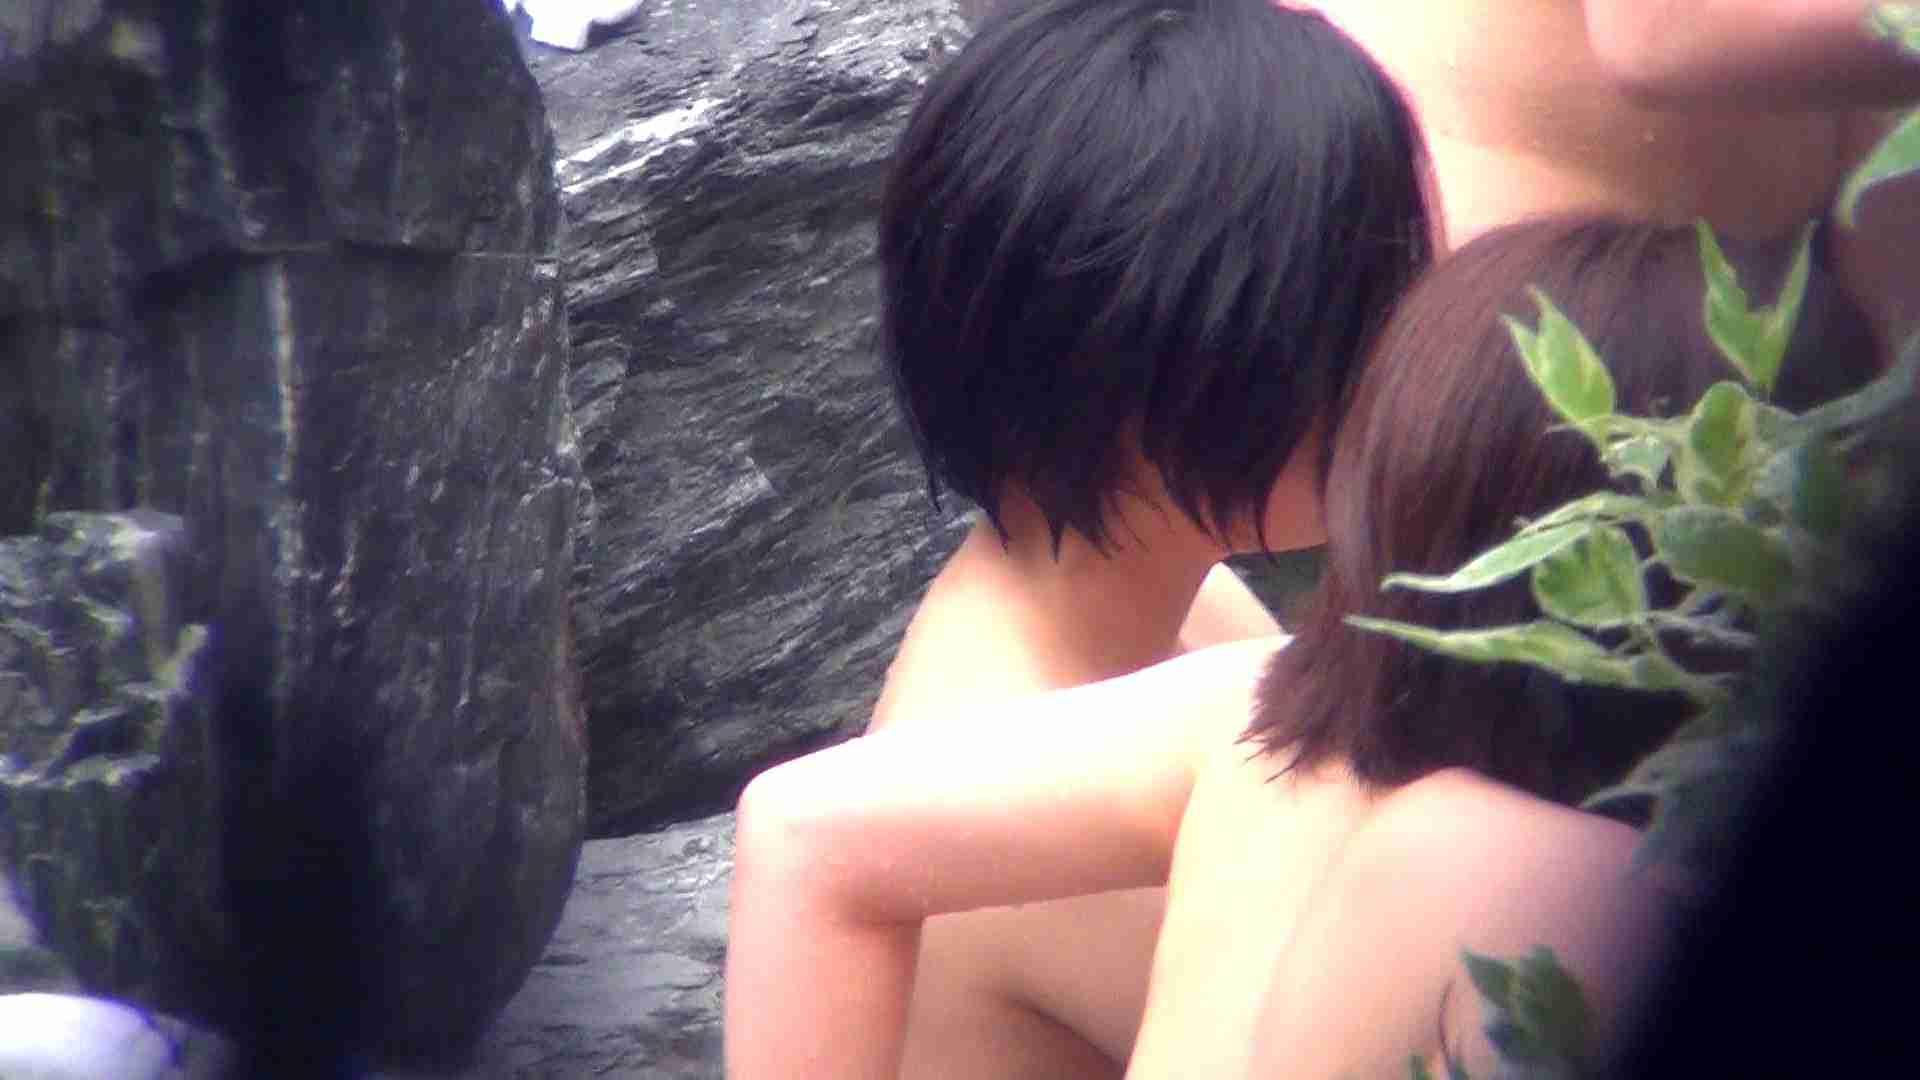 Aquaな露天風呂Vol.276 盗撮 | 露天  72画像 40